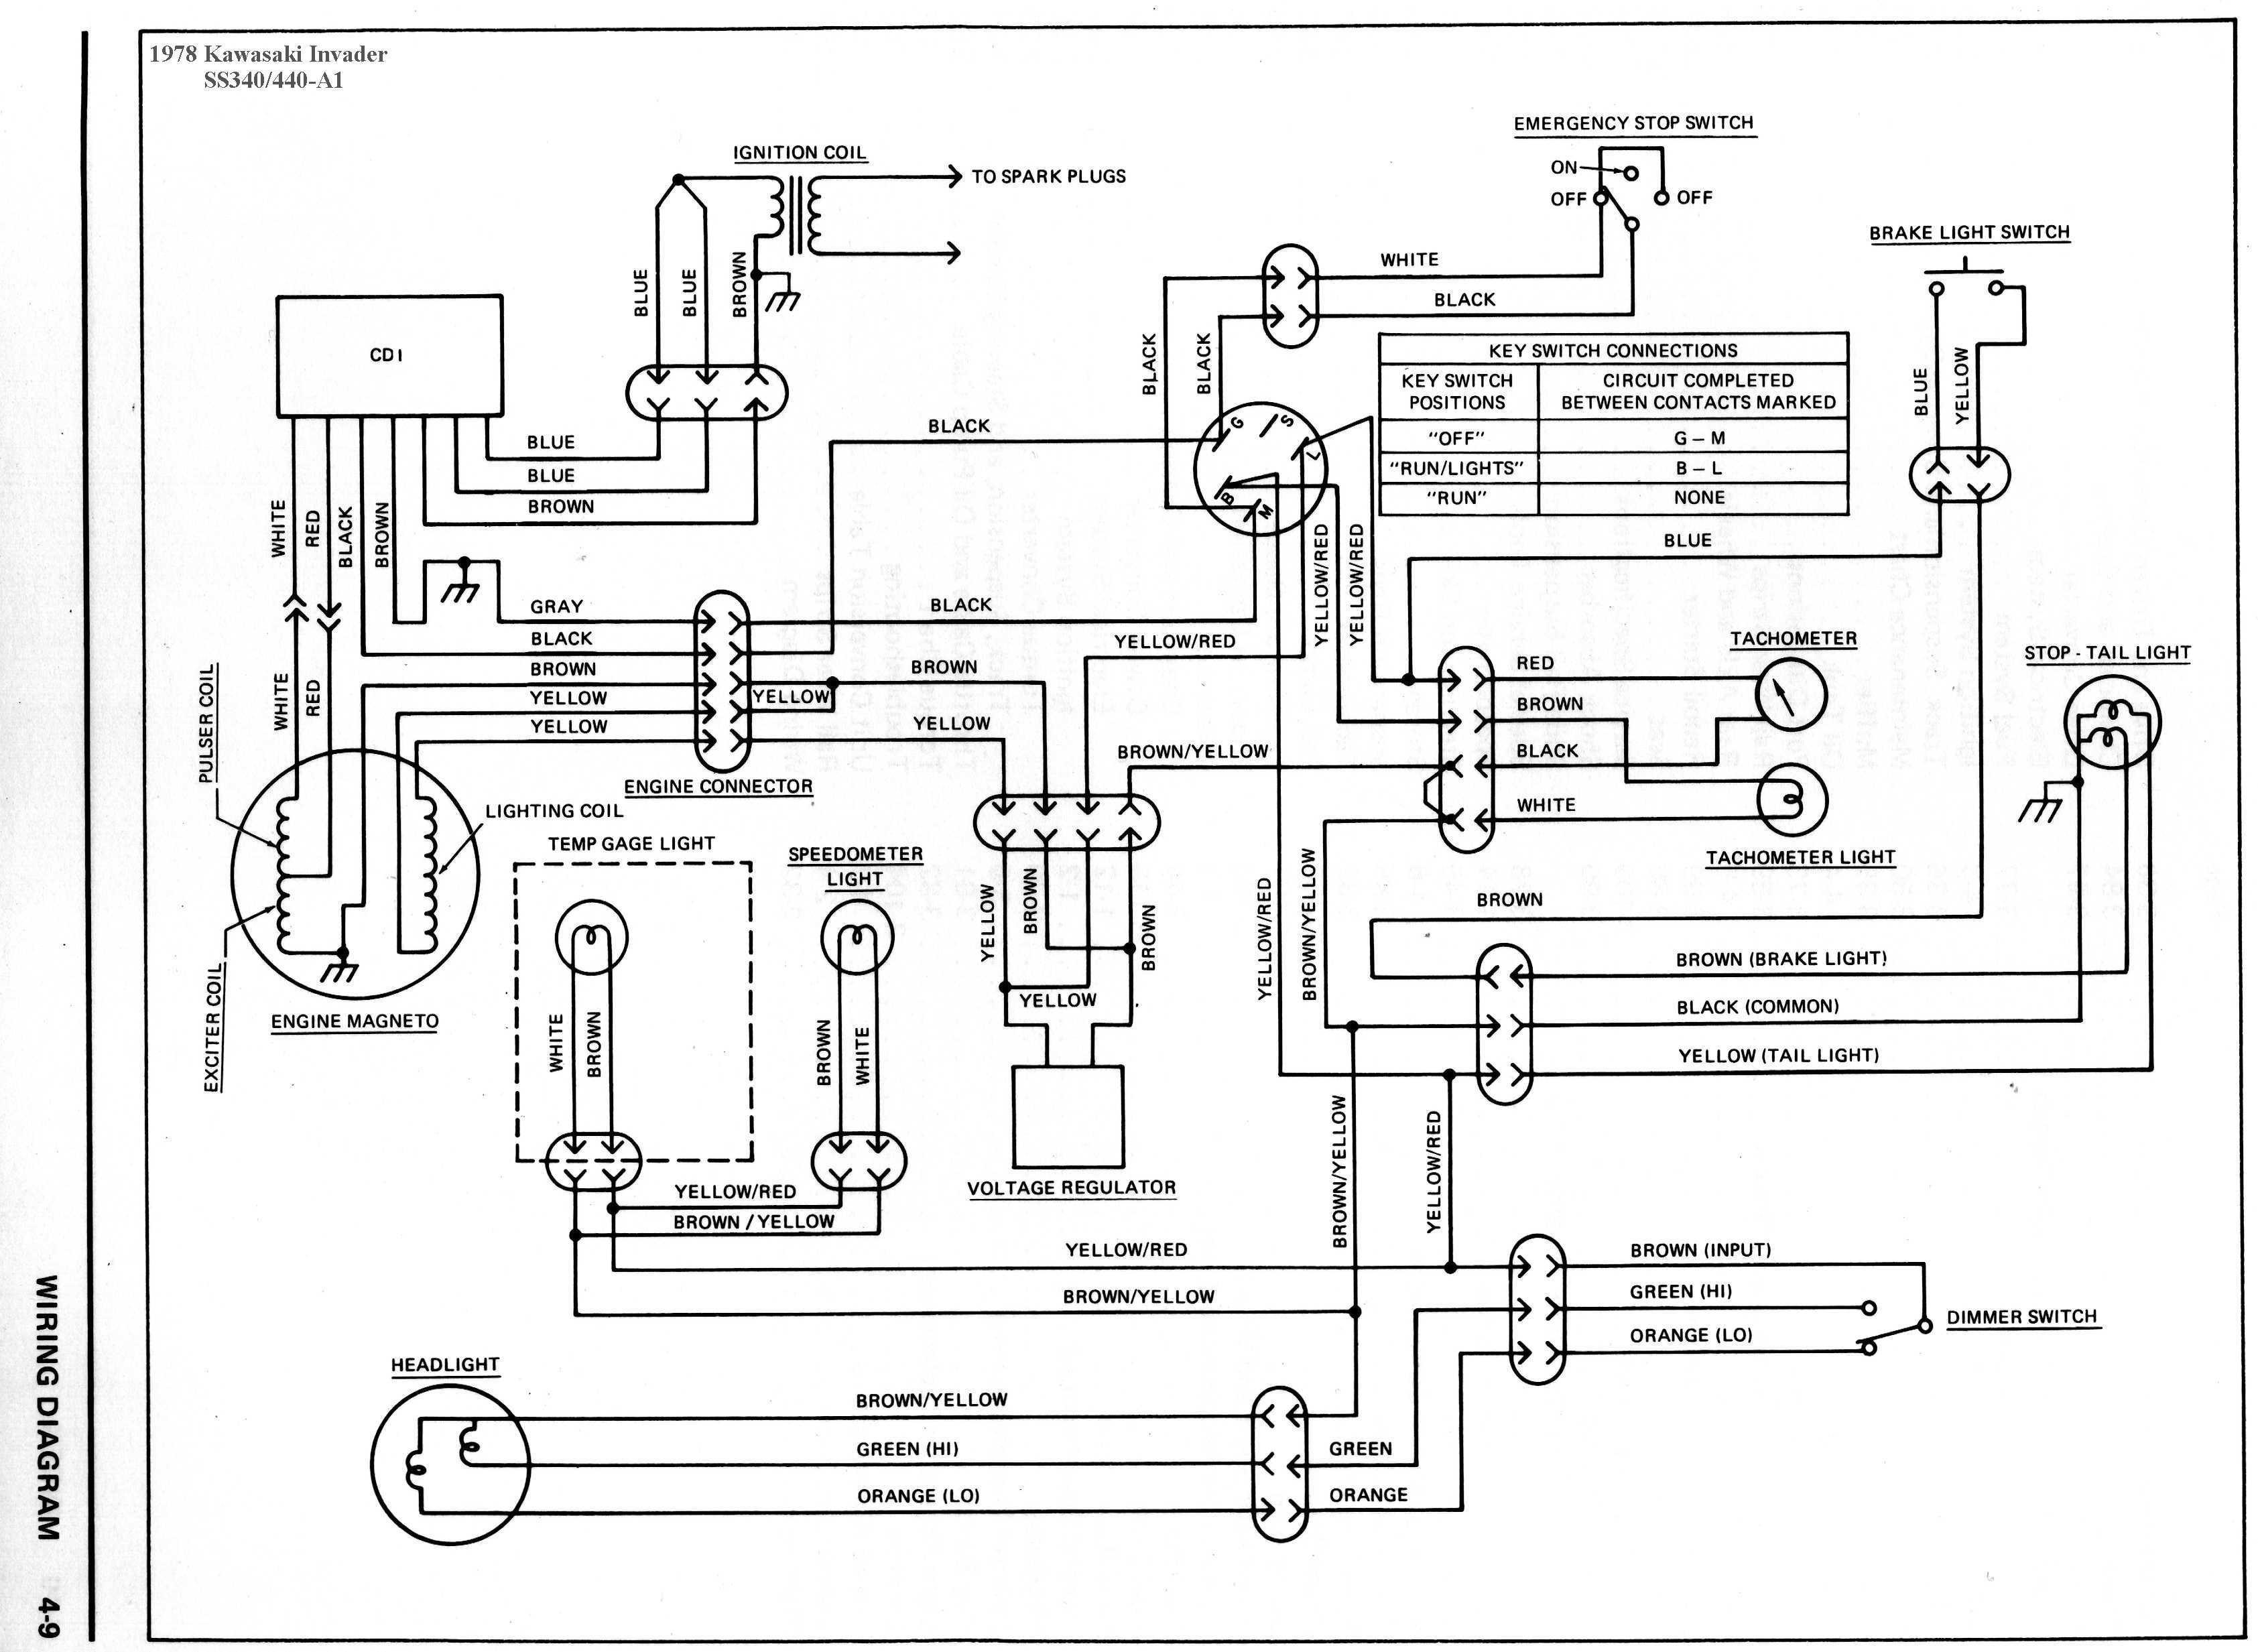 Kawasaki Bayou 220 Wiring Schematic